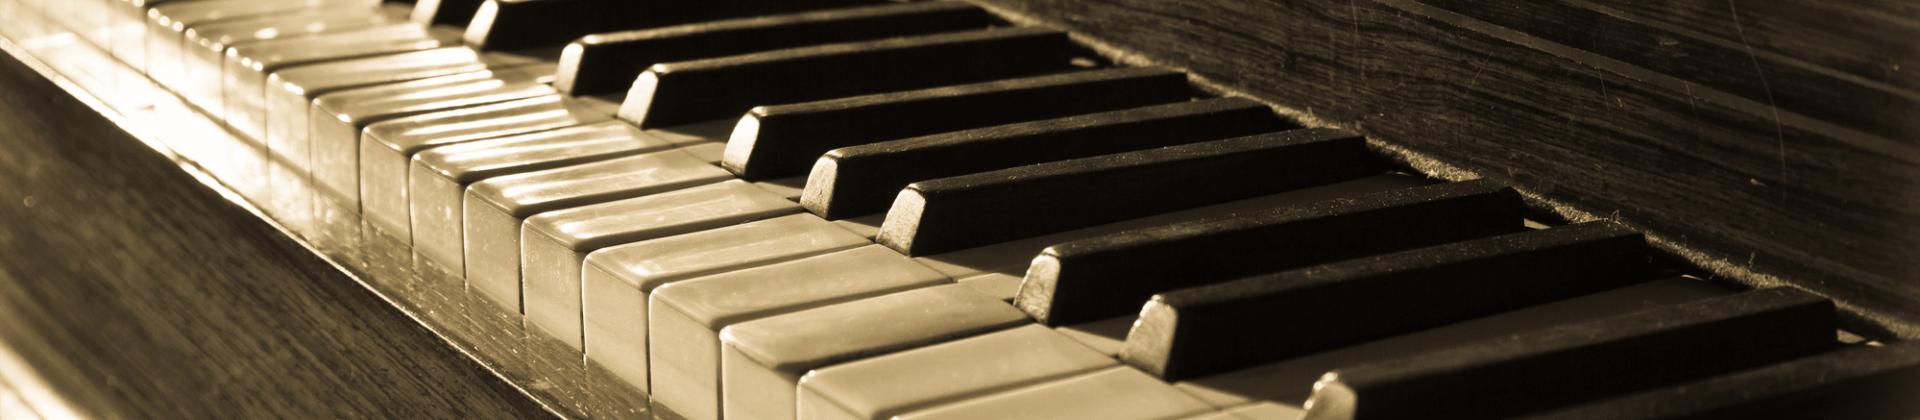 Утилизация роялей и пианино с вывозом